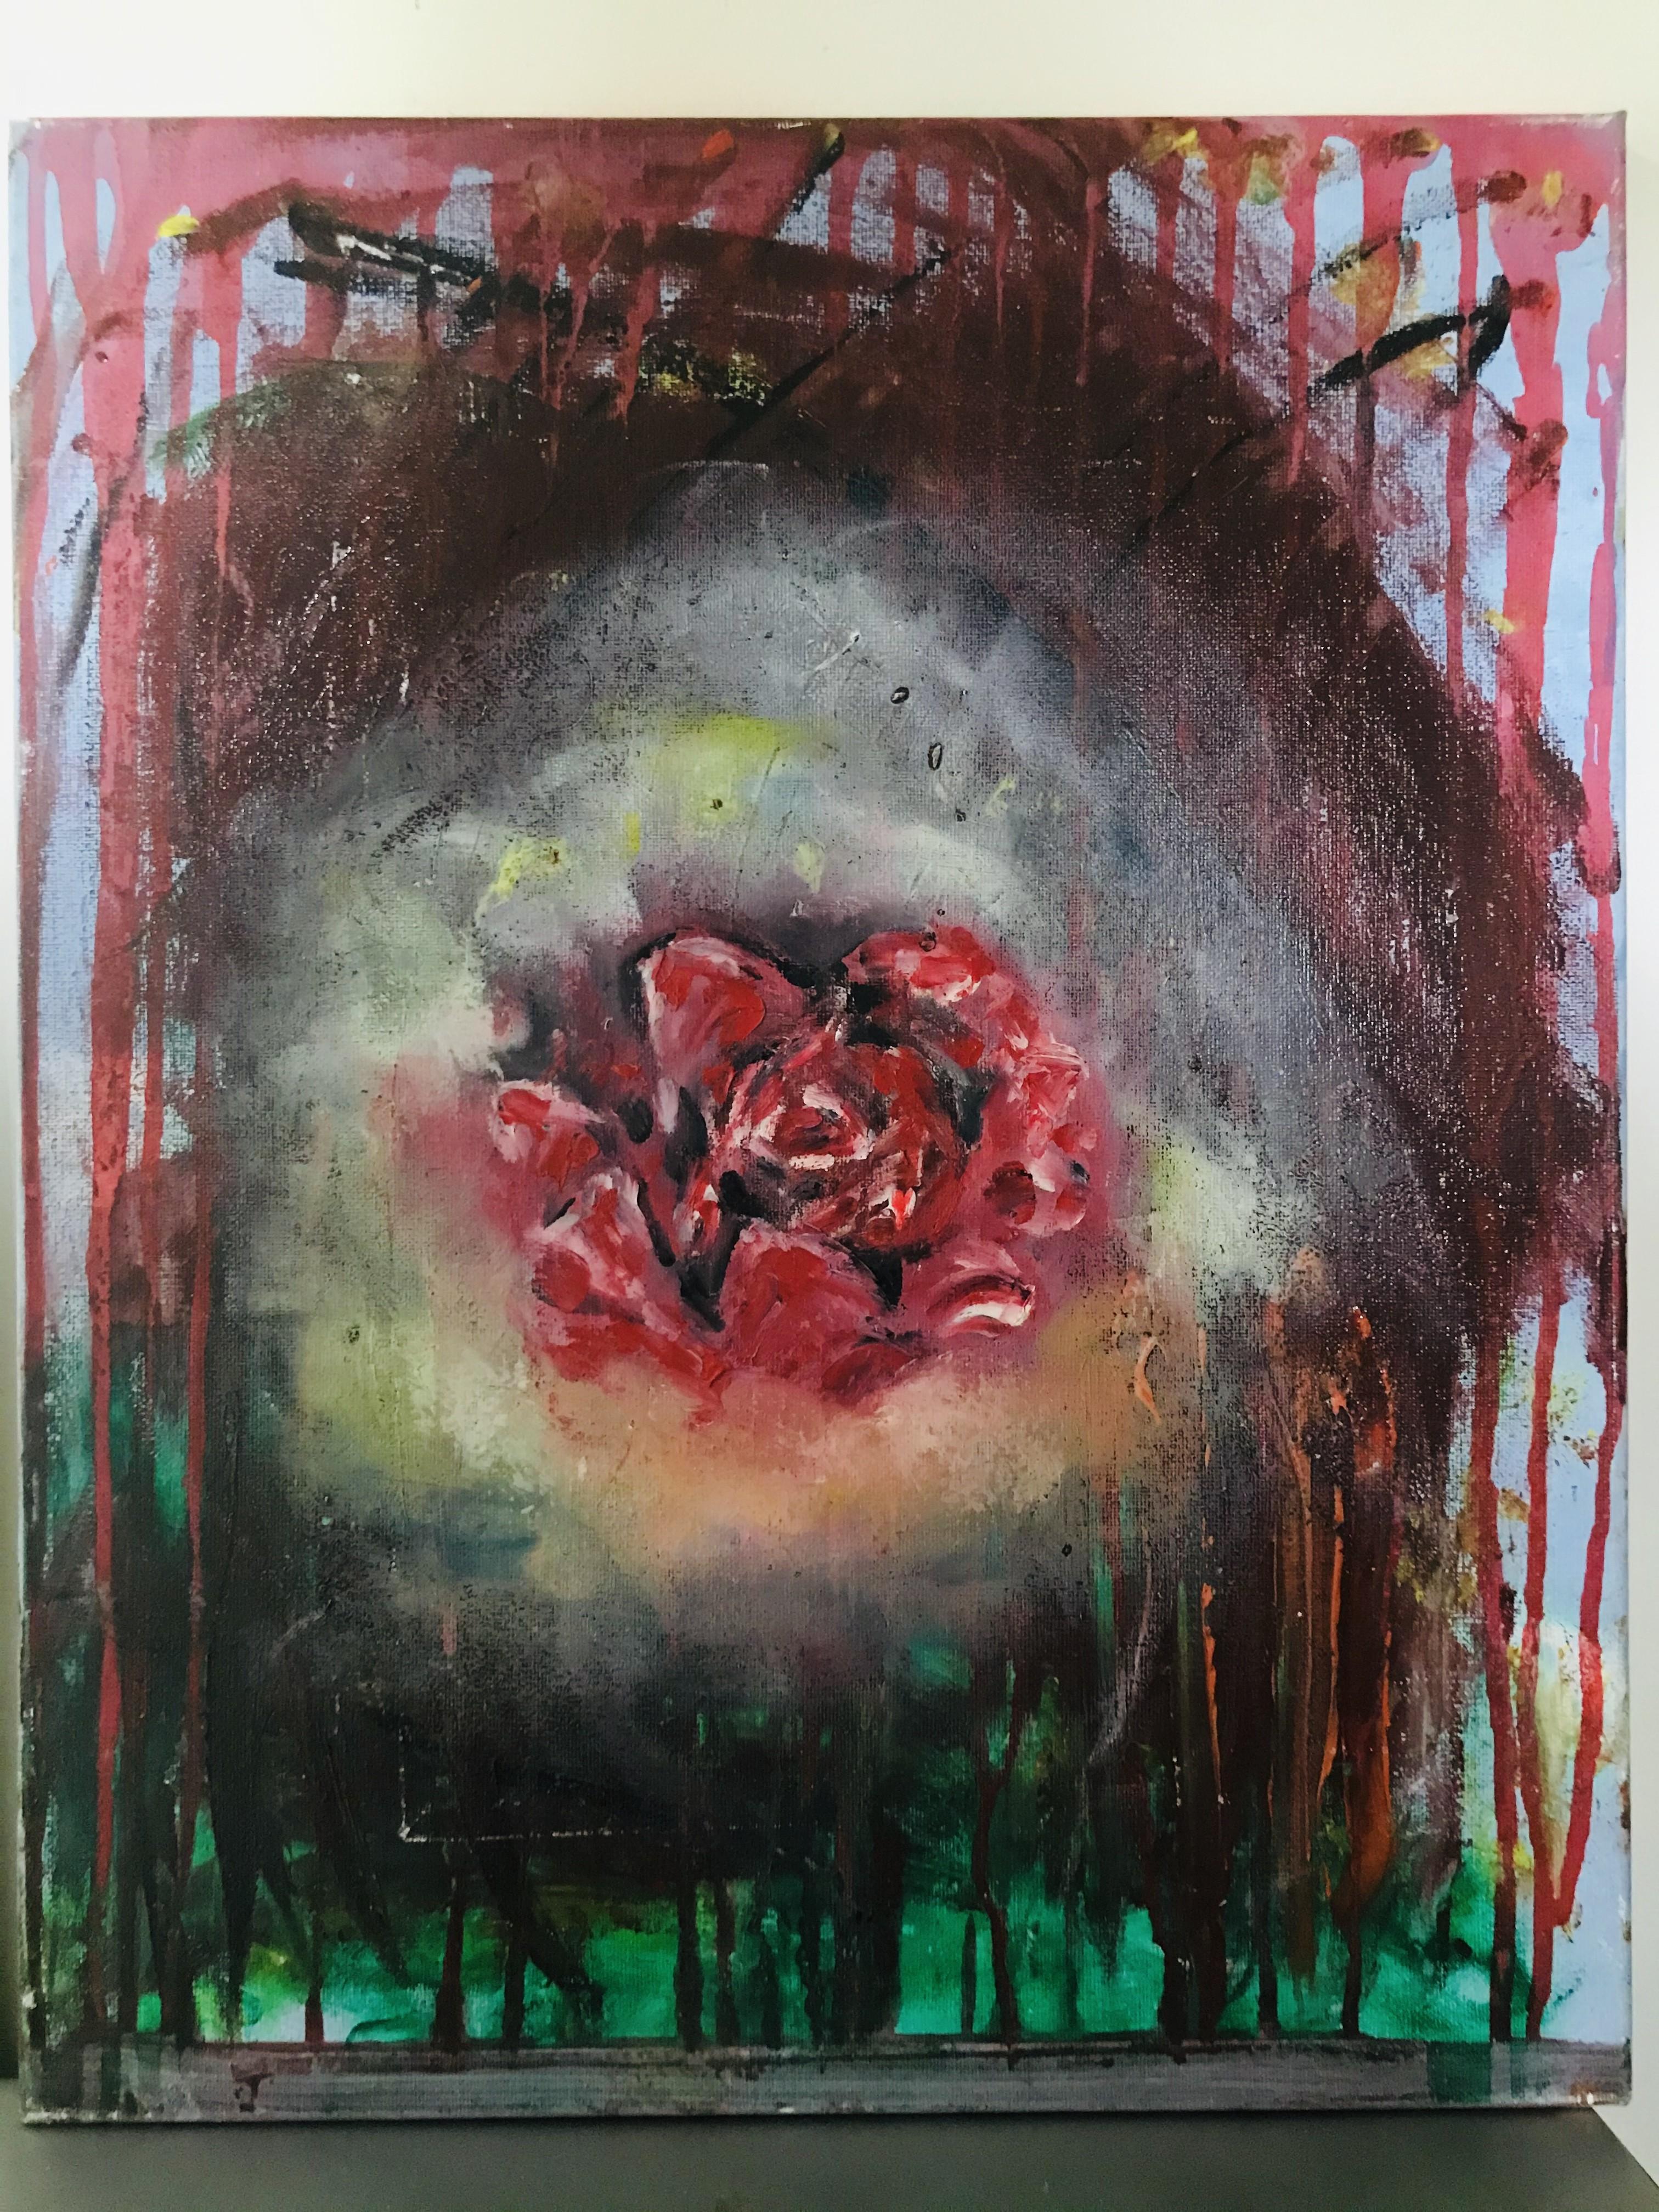 """"""" The Gist"""" by Sanduni Bandara"""